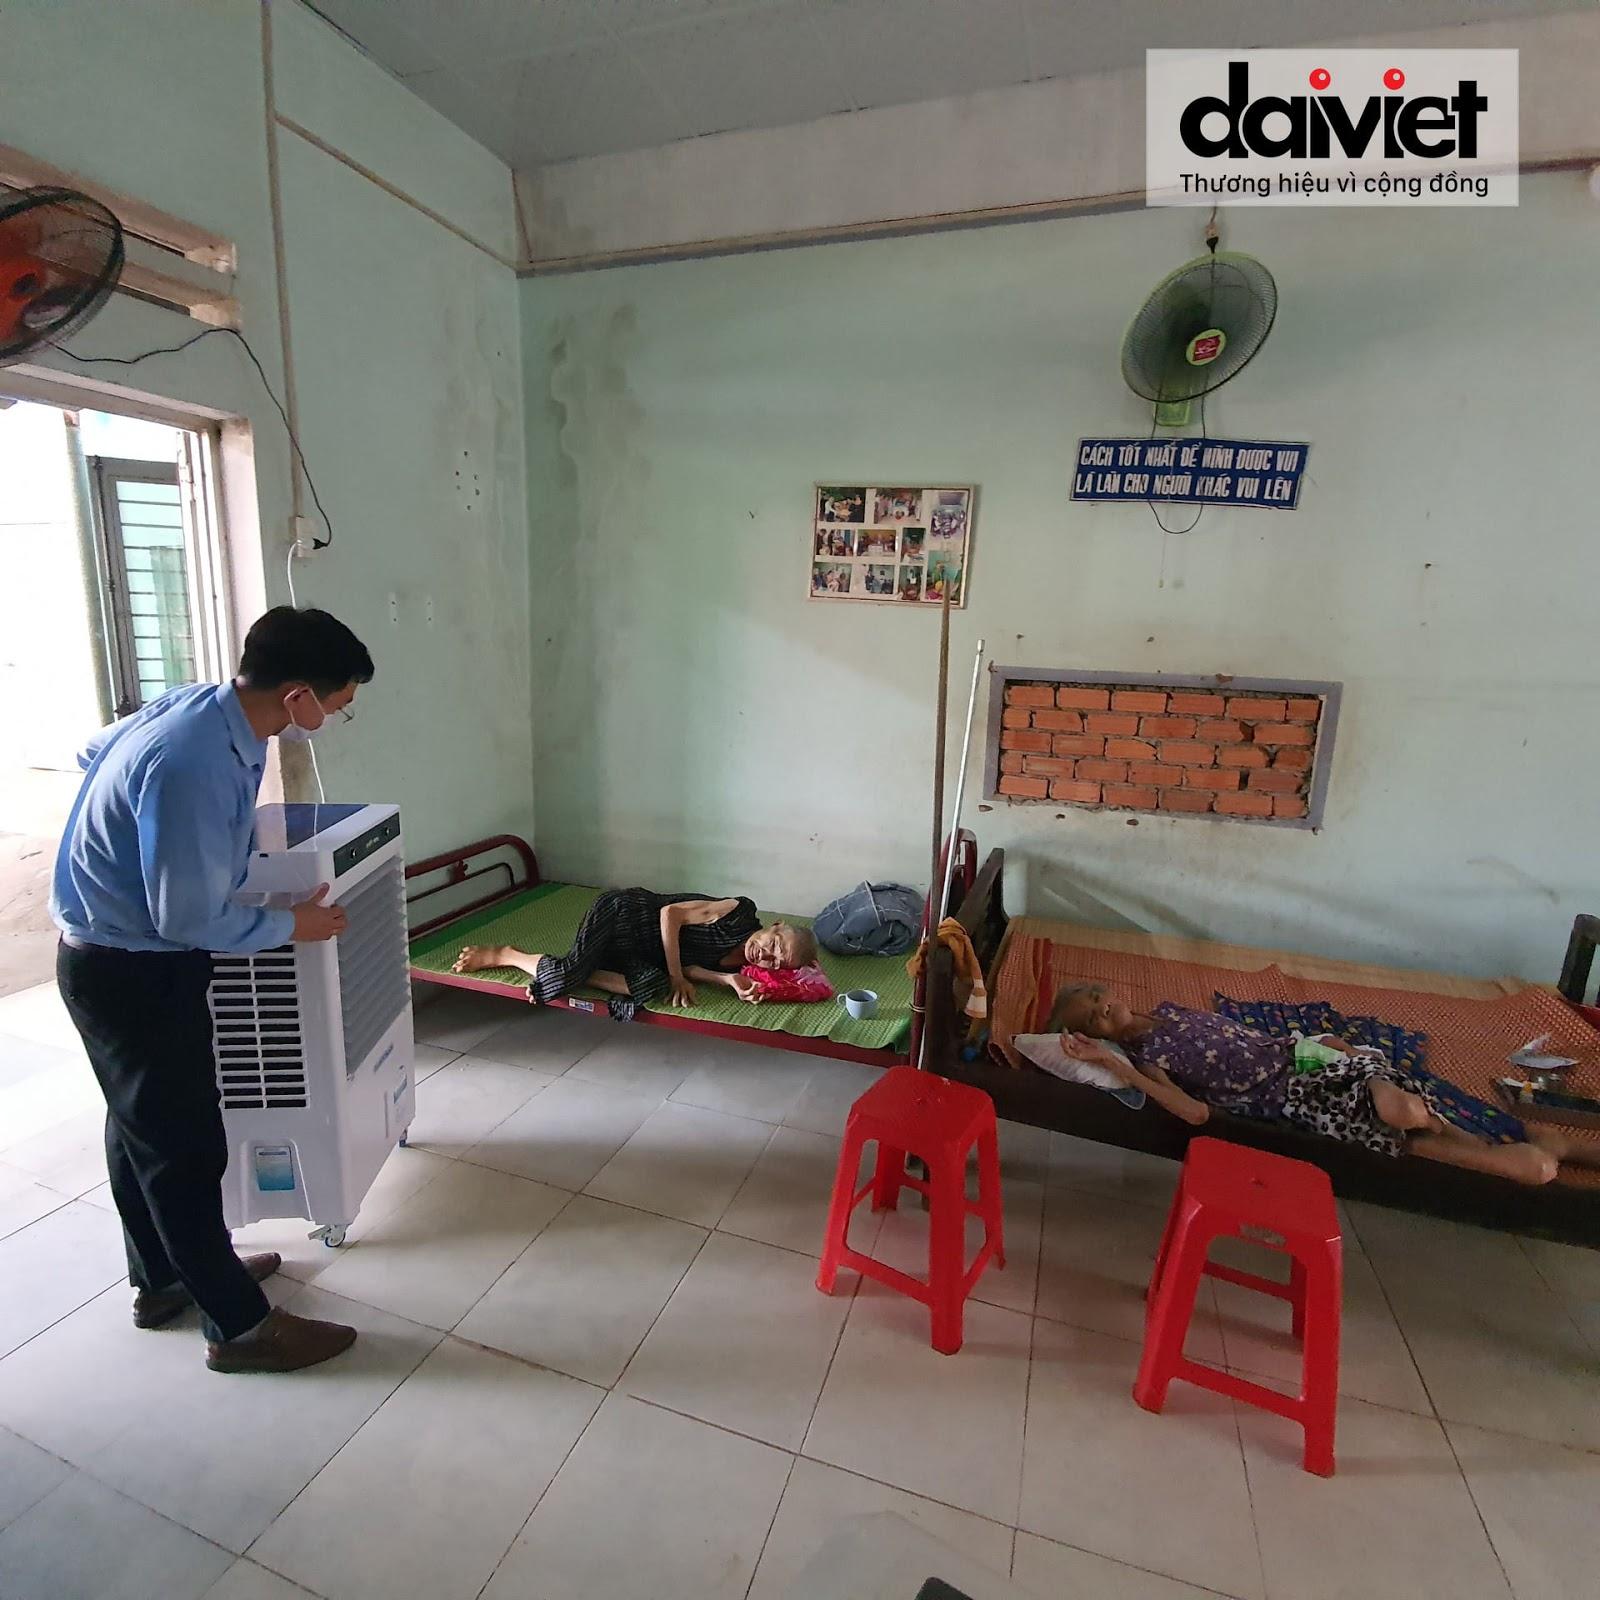 Máy làm mát Đại Việt sẽ mang đến làn gió mát giúp các cụ già neo đơn đảm bảo sức khỏe trong những mùa nắng nóng